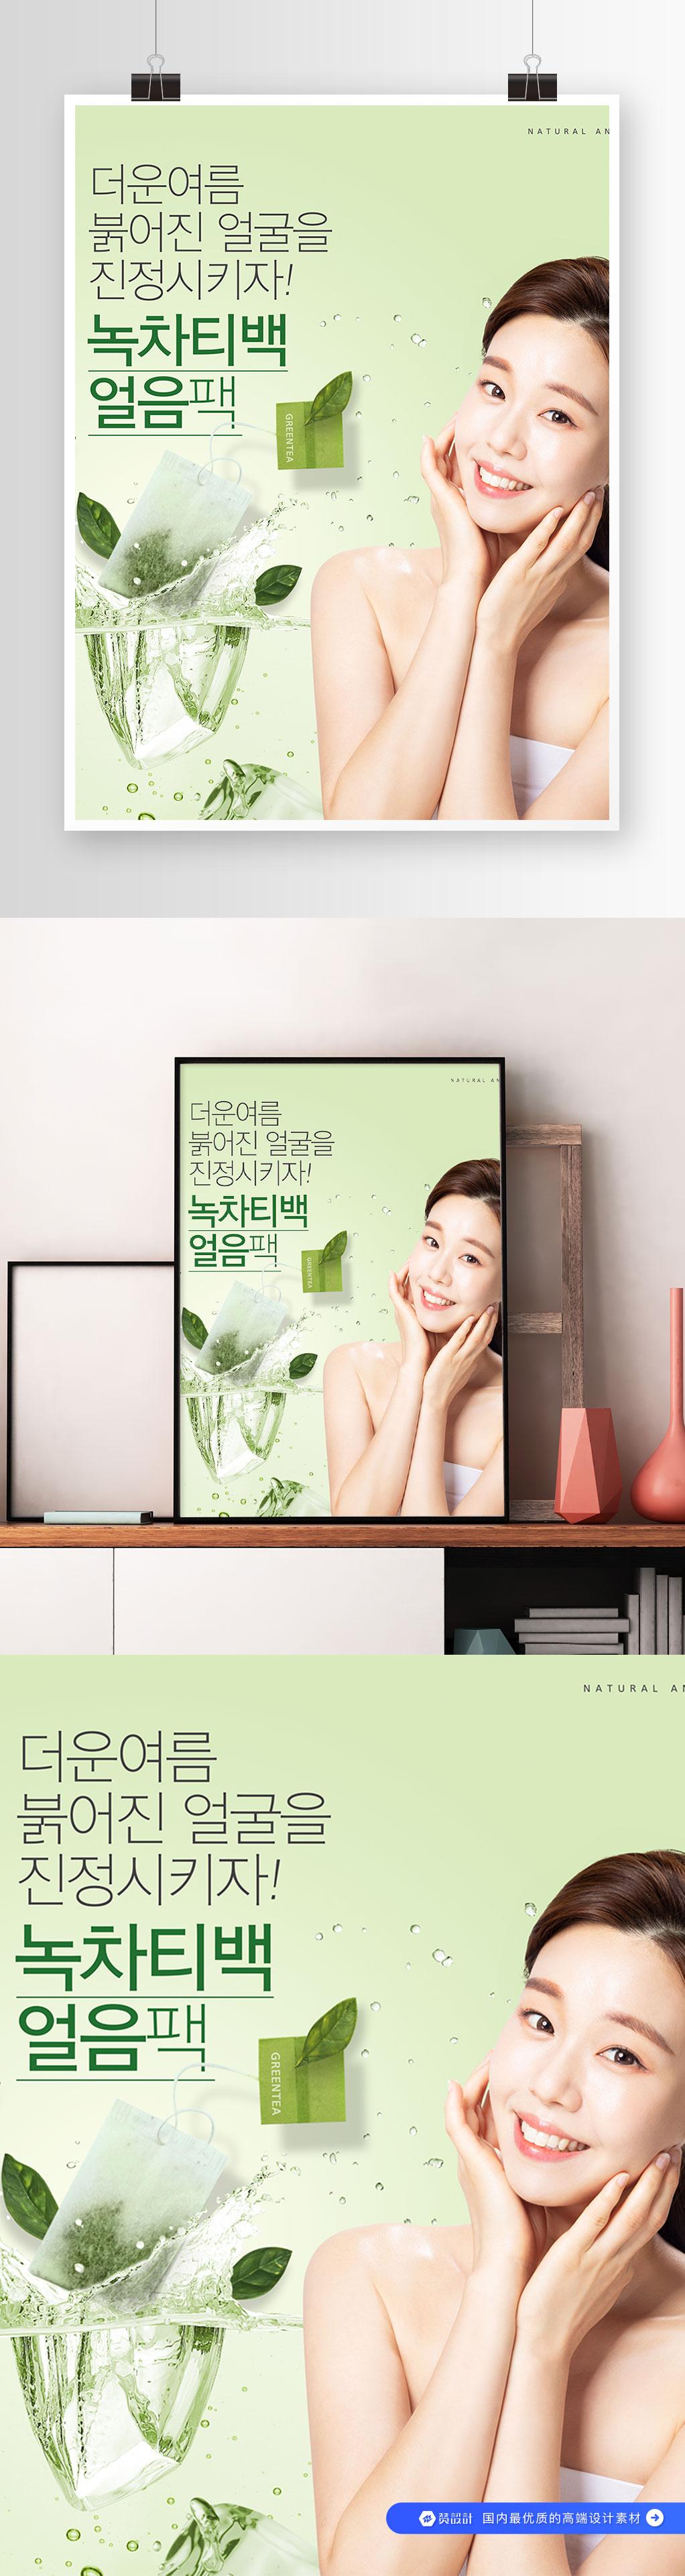 清新绿色美女美容护肤茶美容茶促销海报